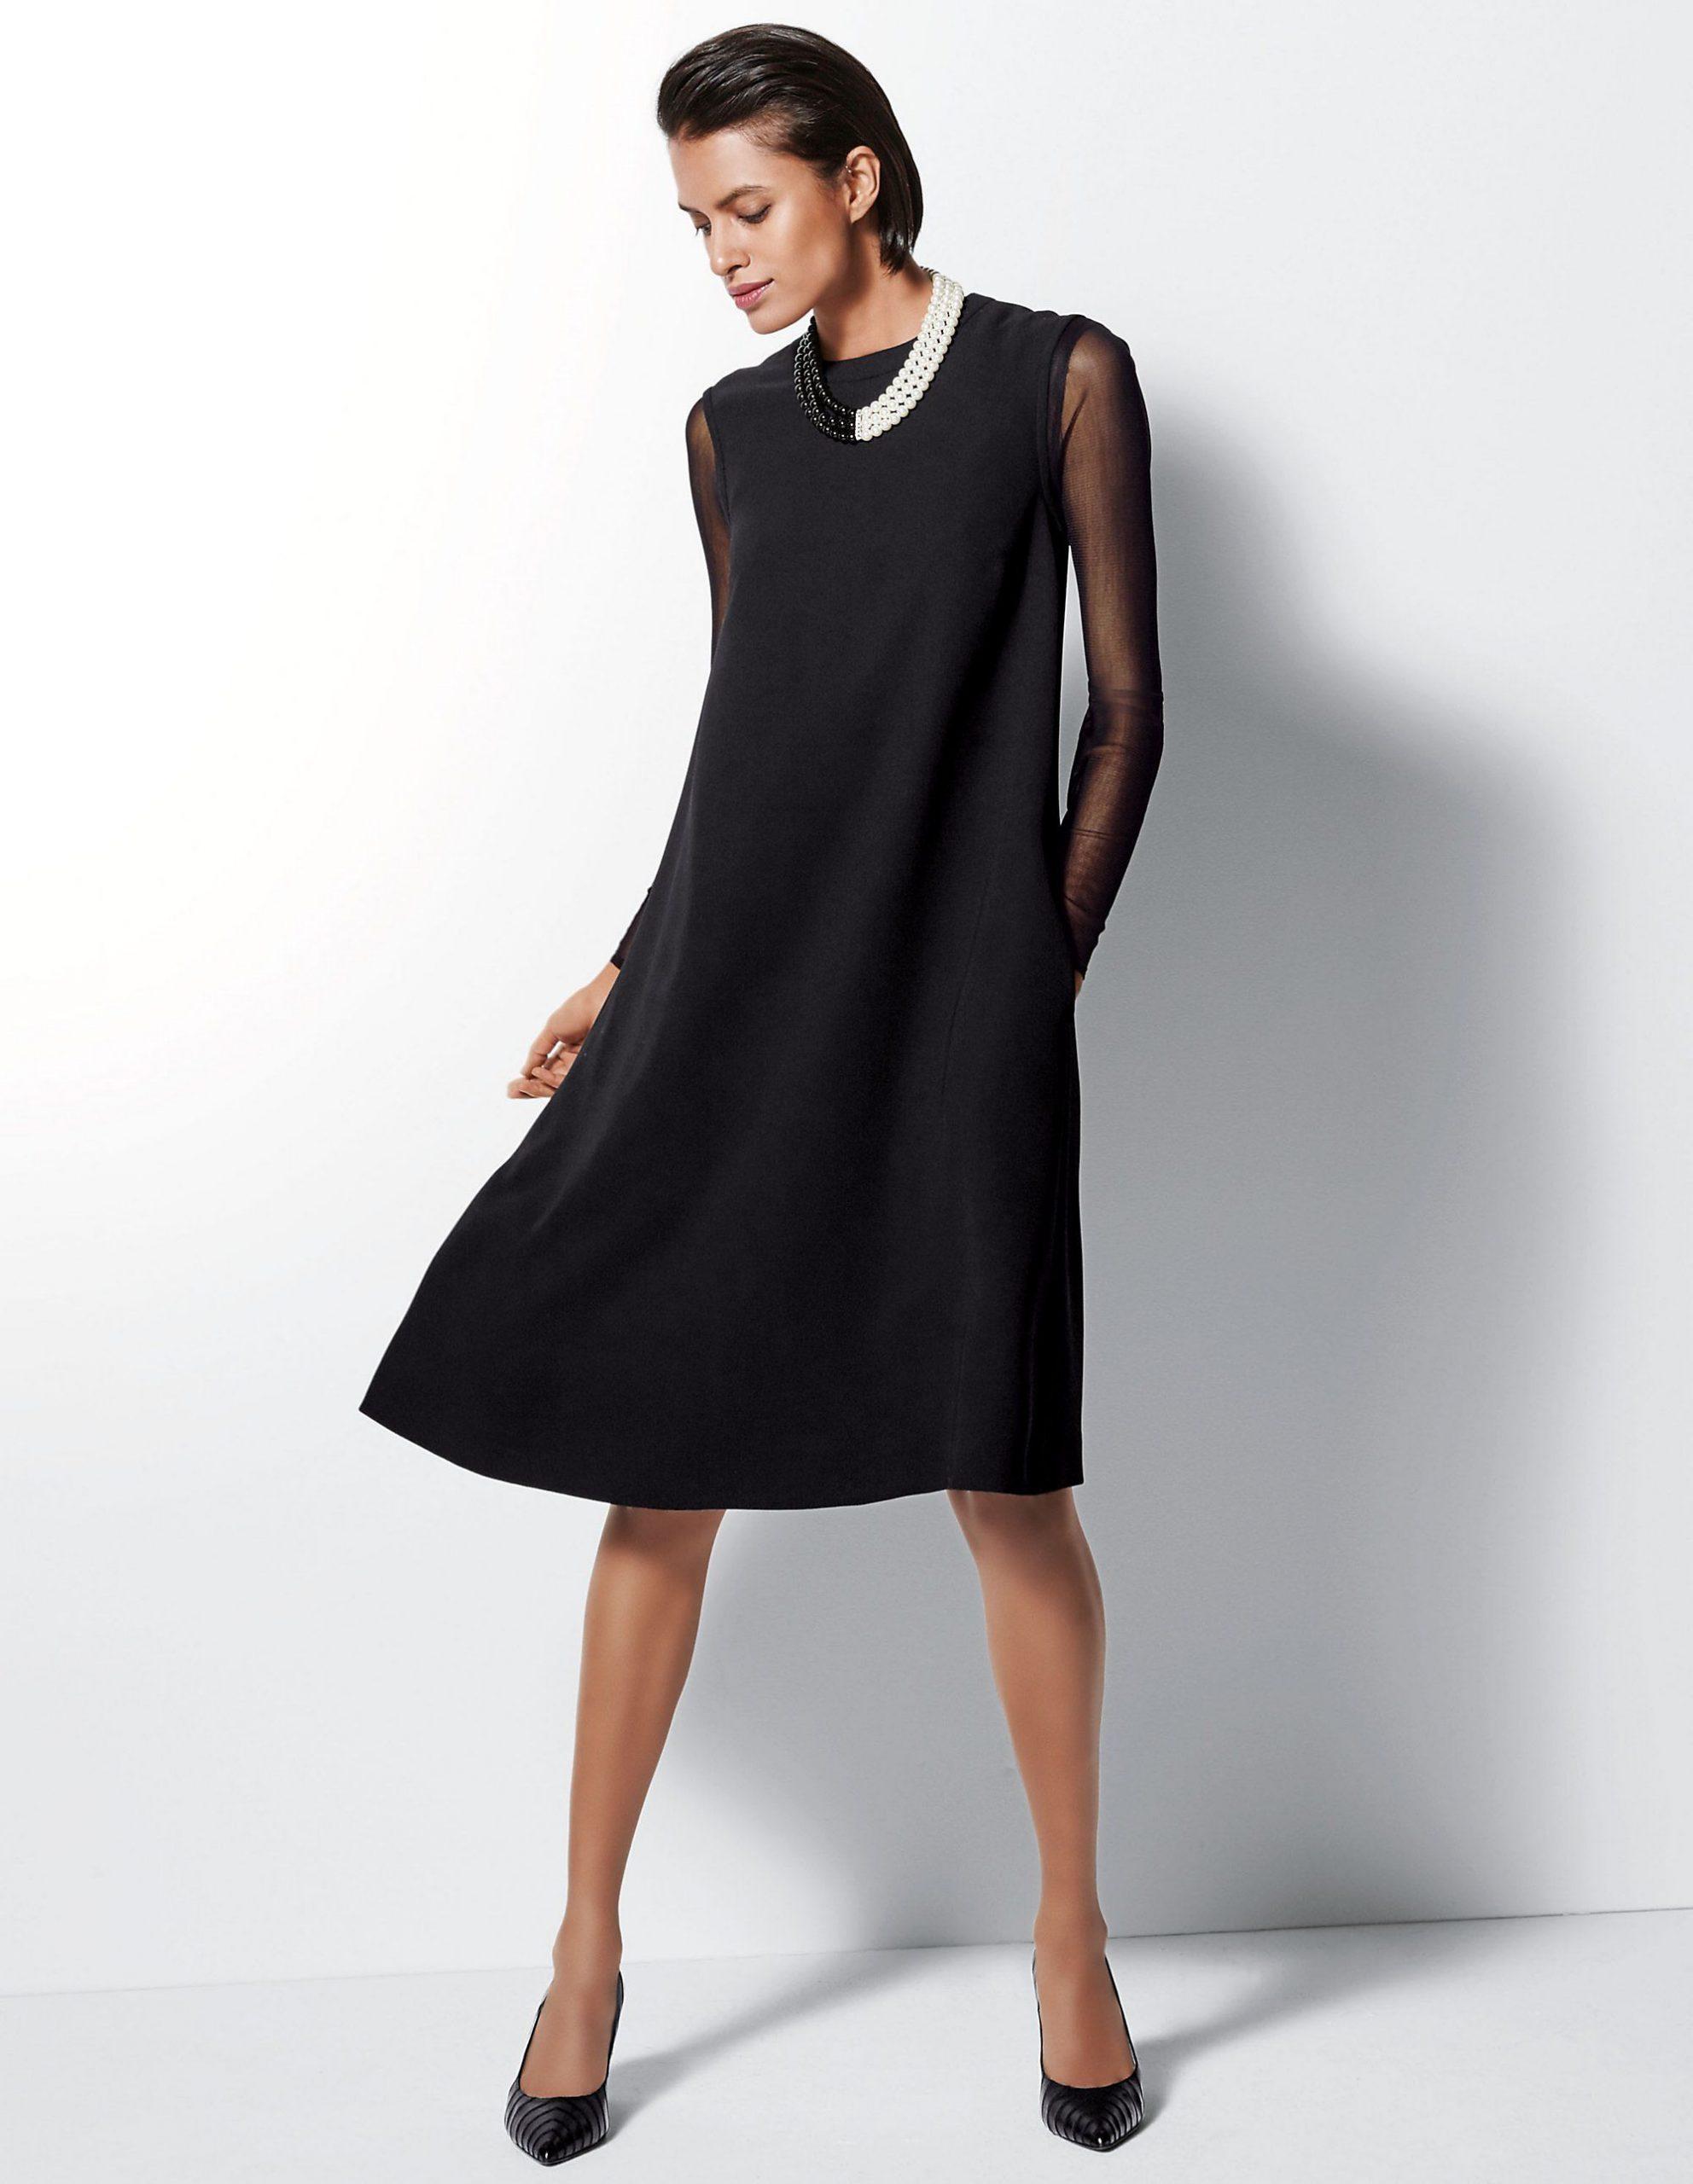 Elegantes Kleid In A-Linie | Madeleine Mode | Elegante